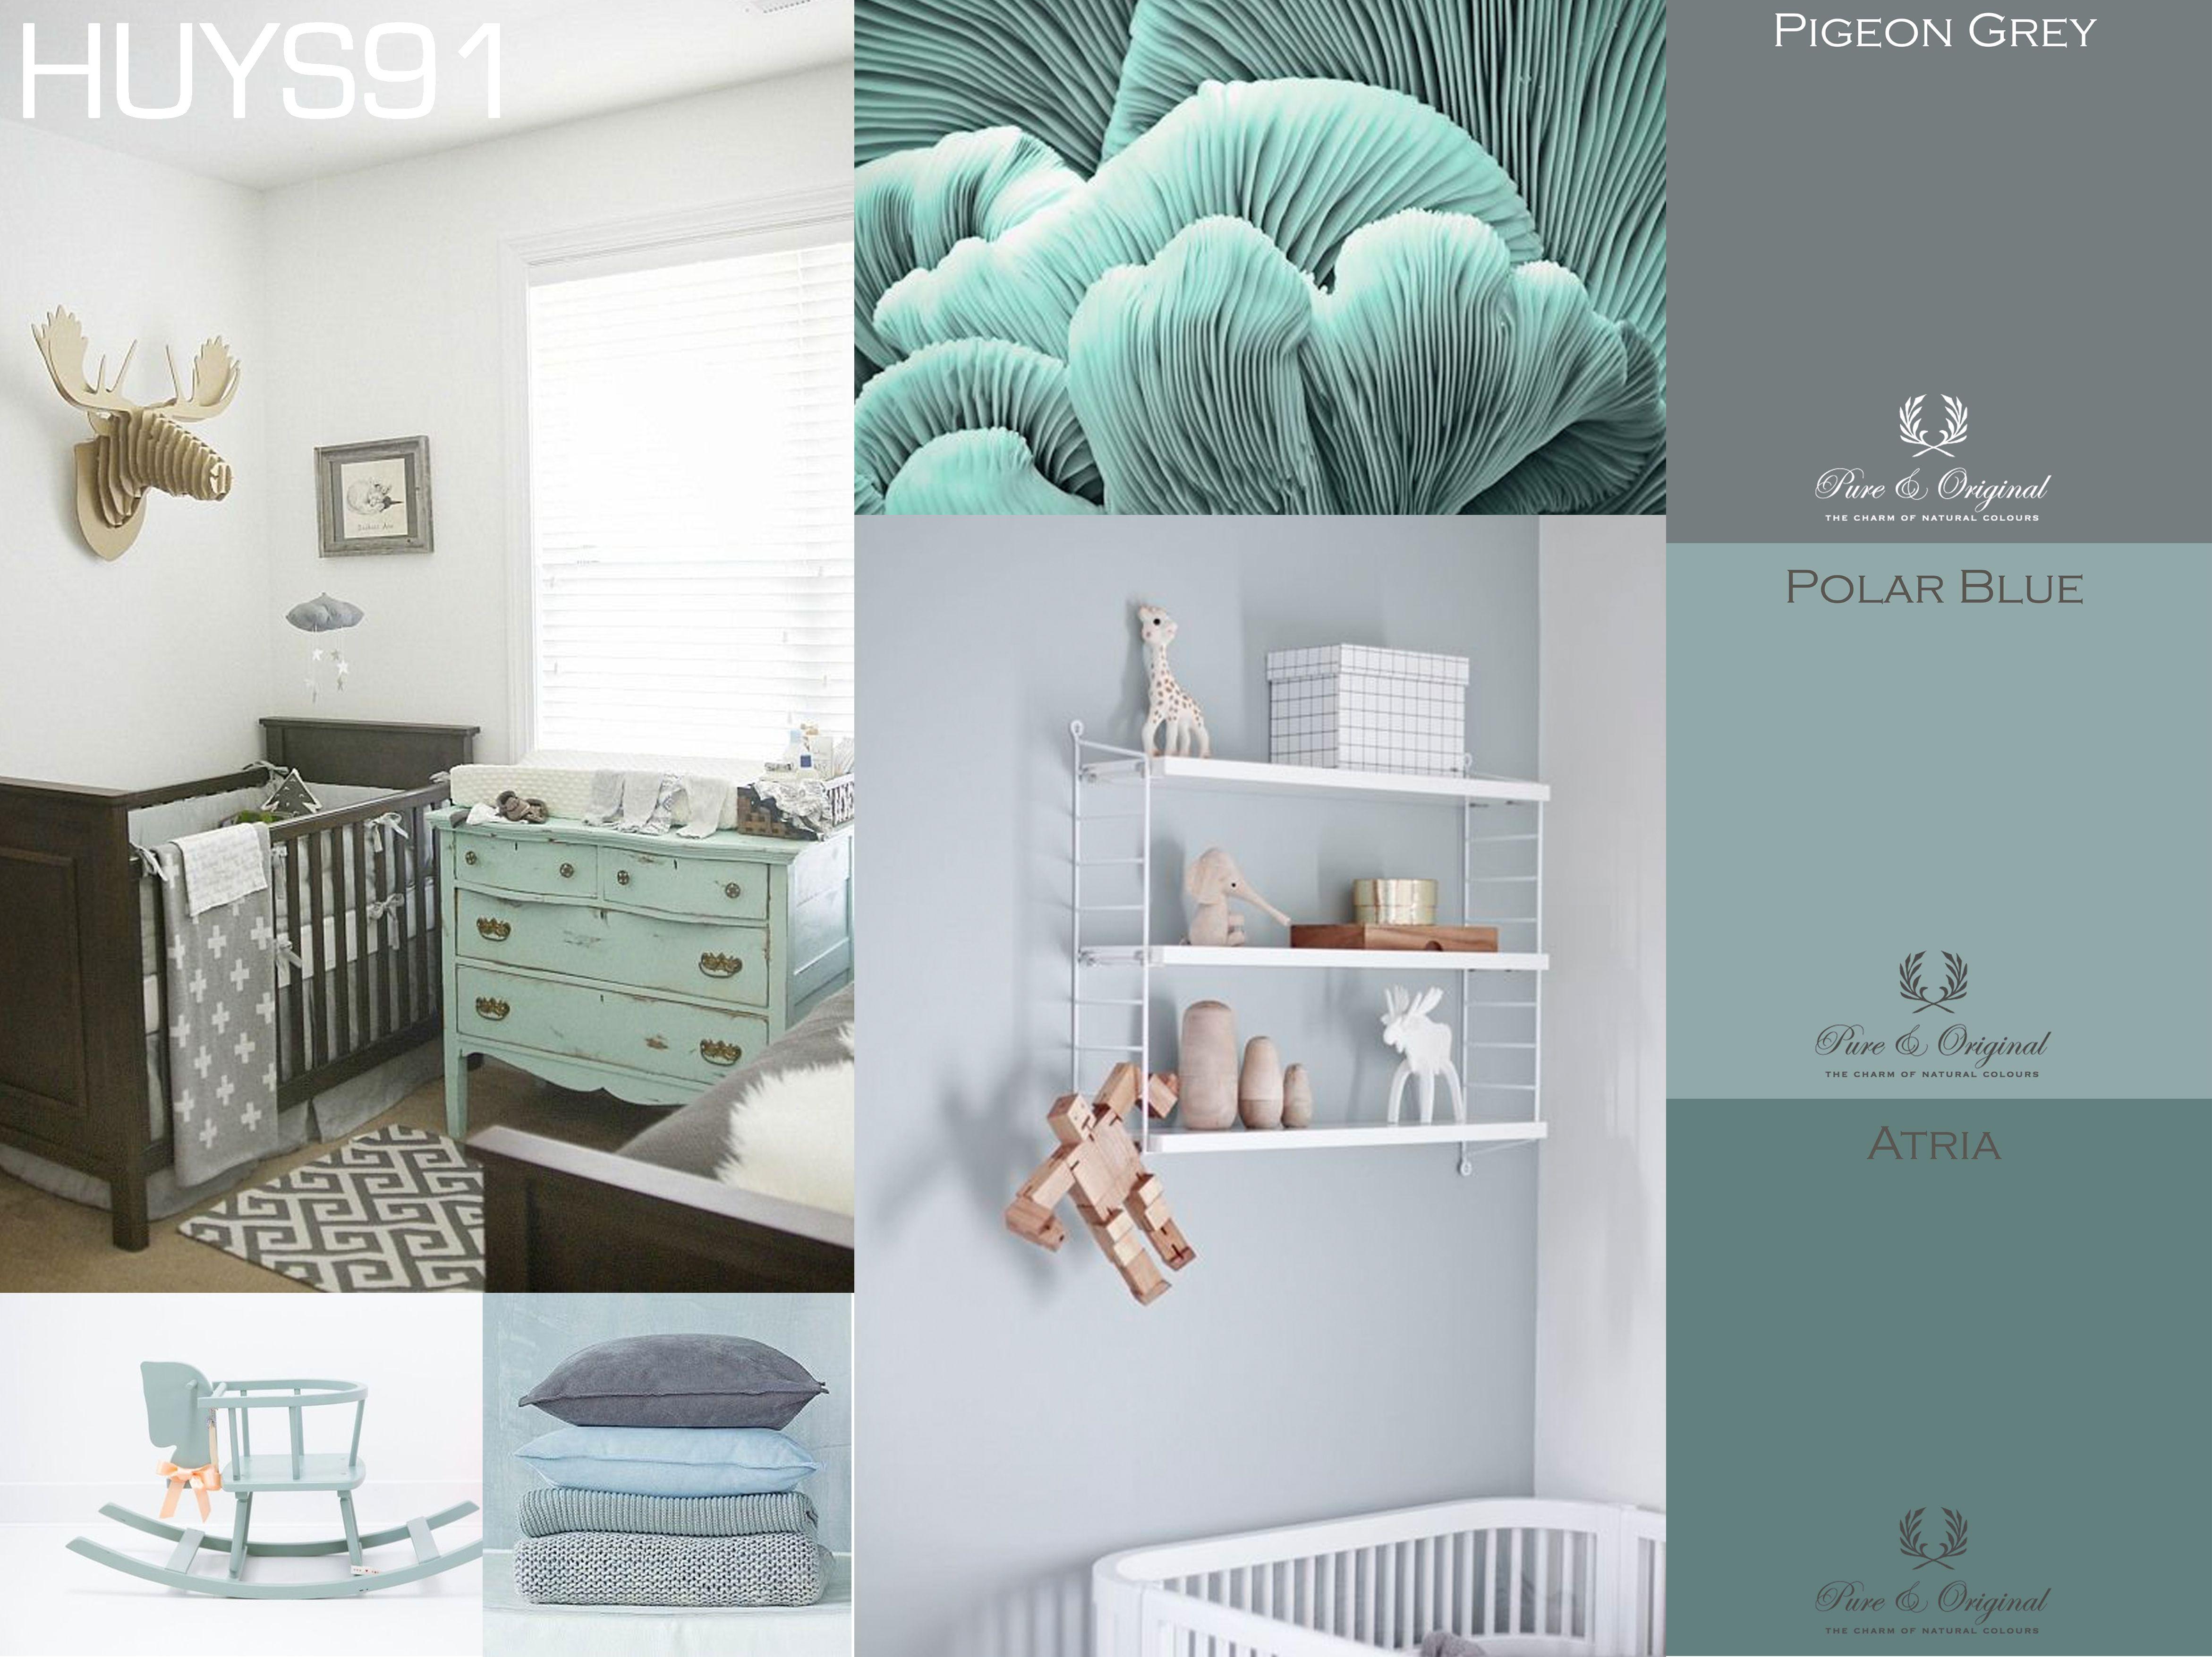 Kleuren Voor Babykamer : Babykamer kinderkamer kleuren pure original huys